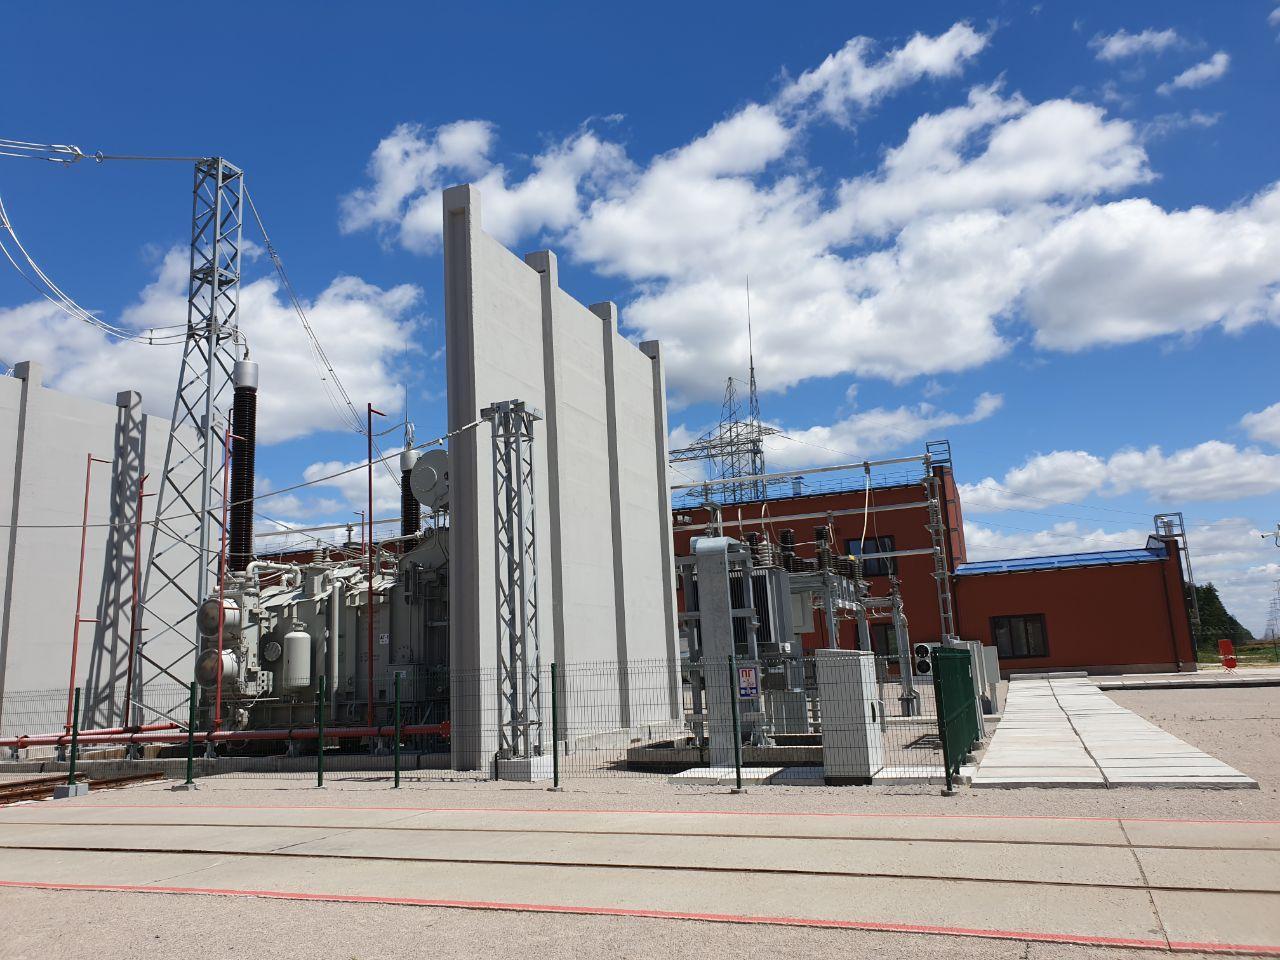 Луганську область повернули в енергосистему України (фото)